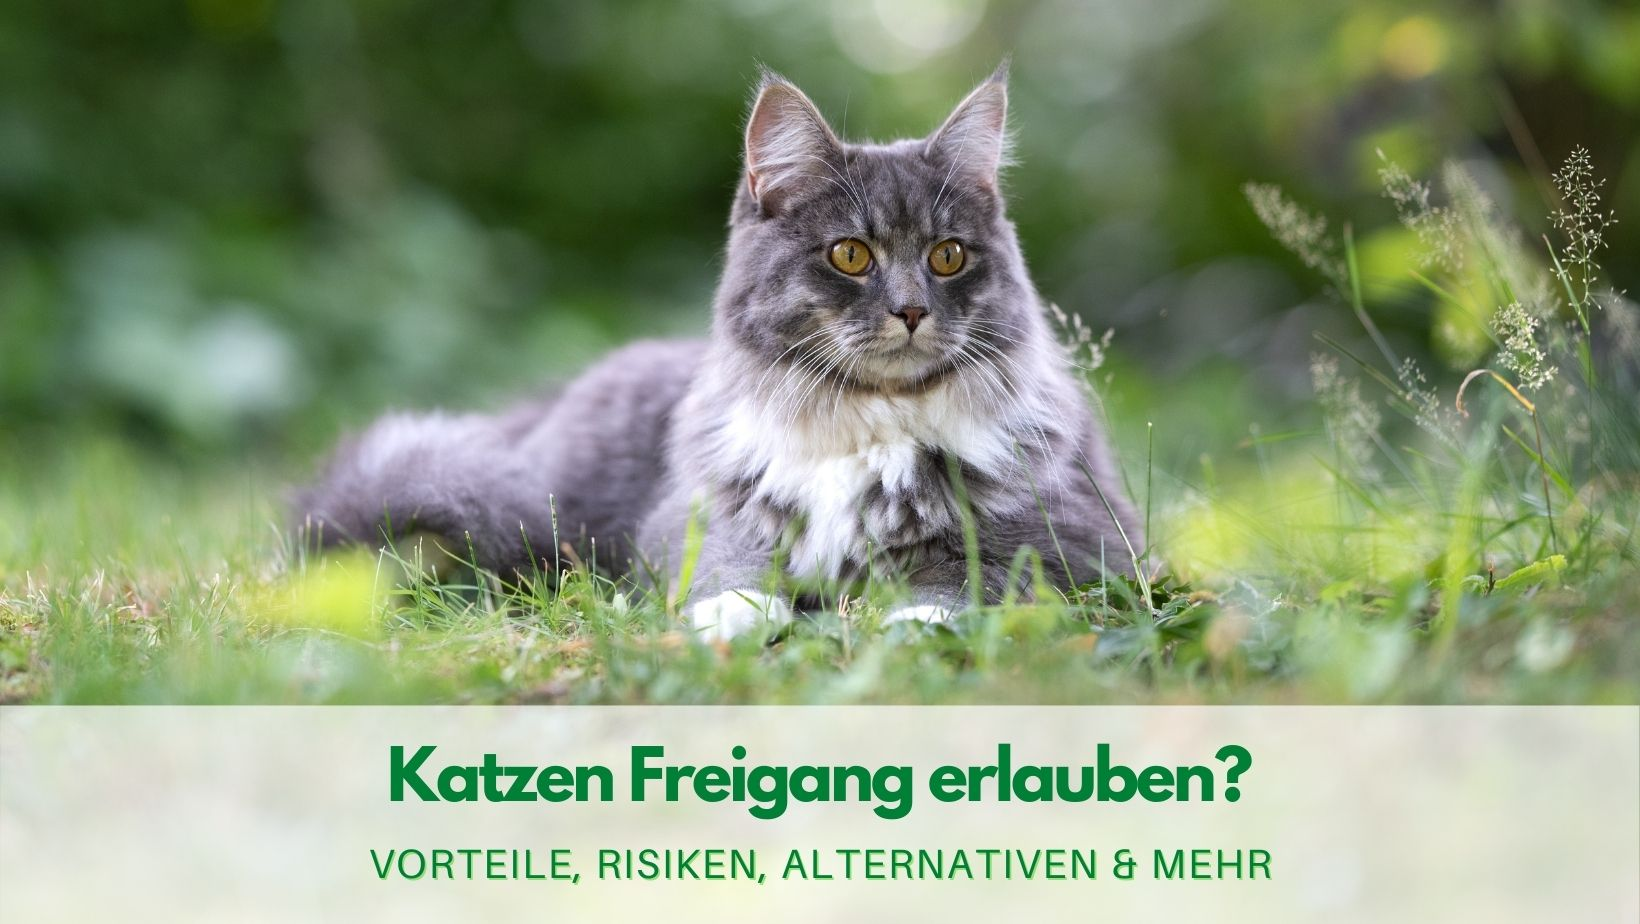 Katze Freigang gewähren?